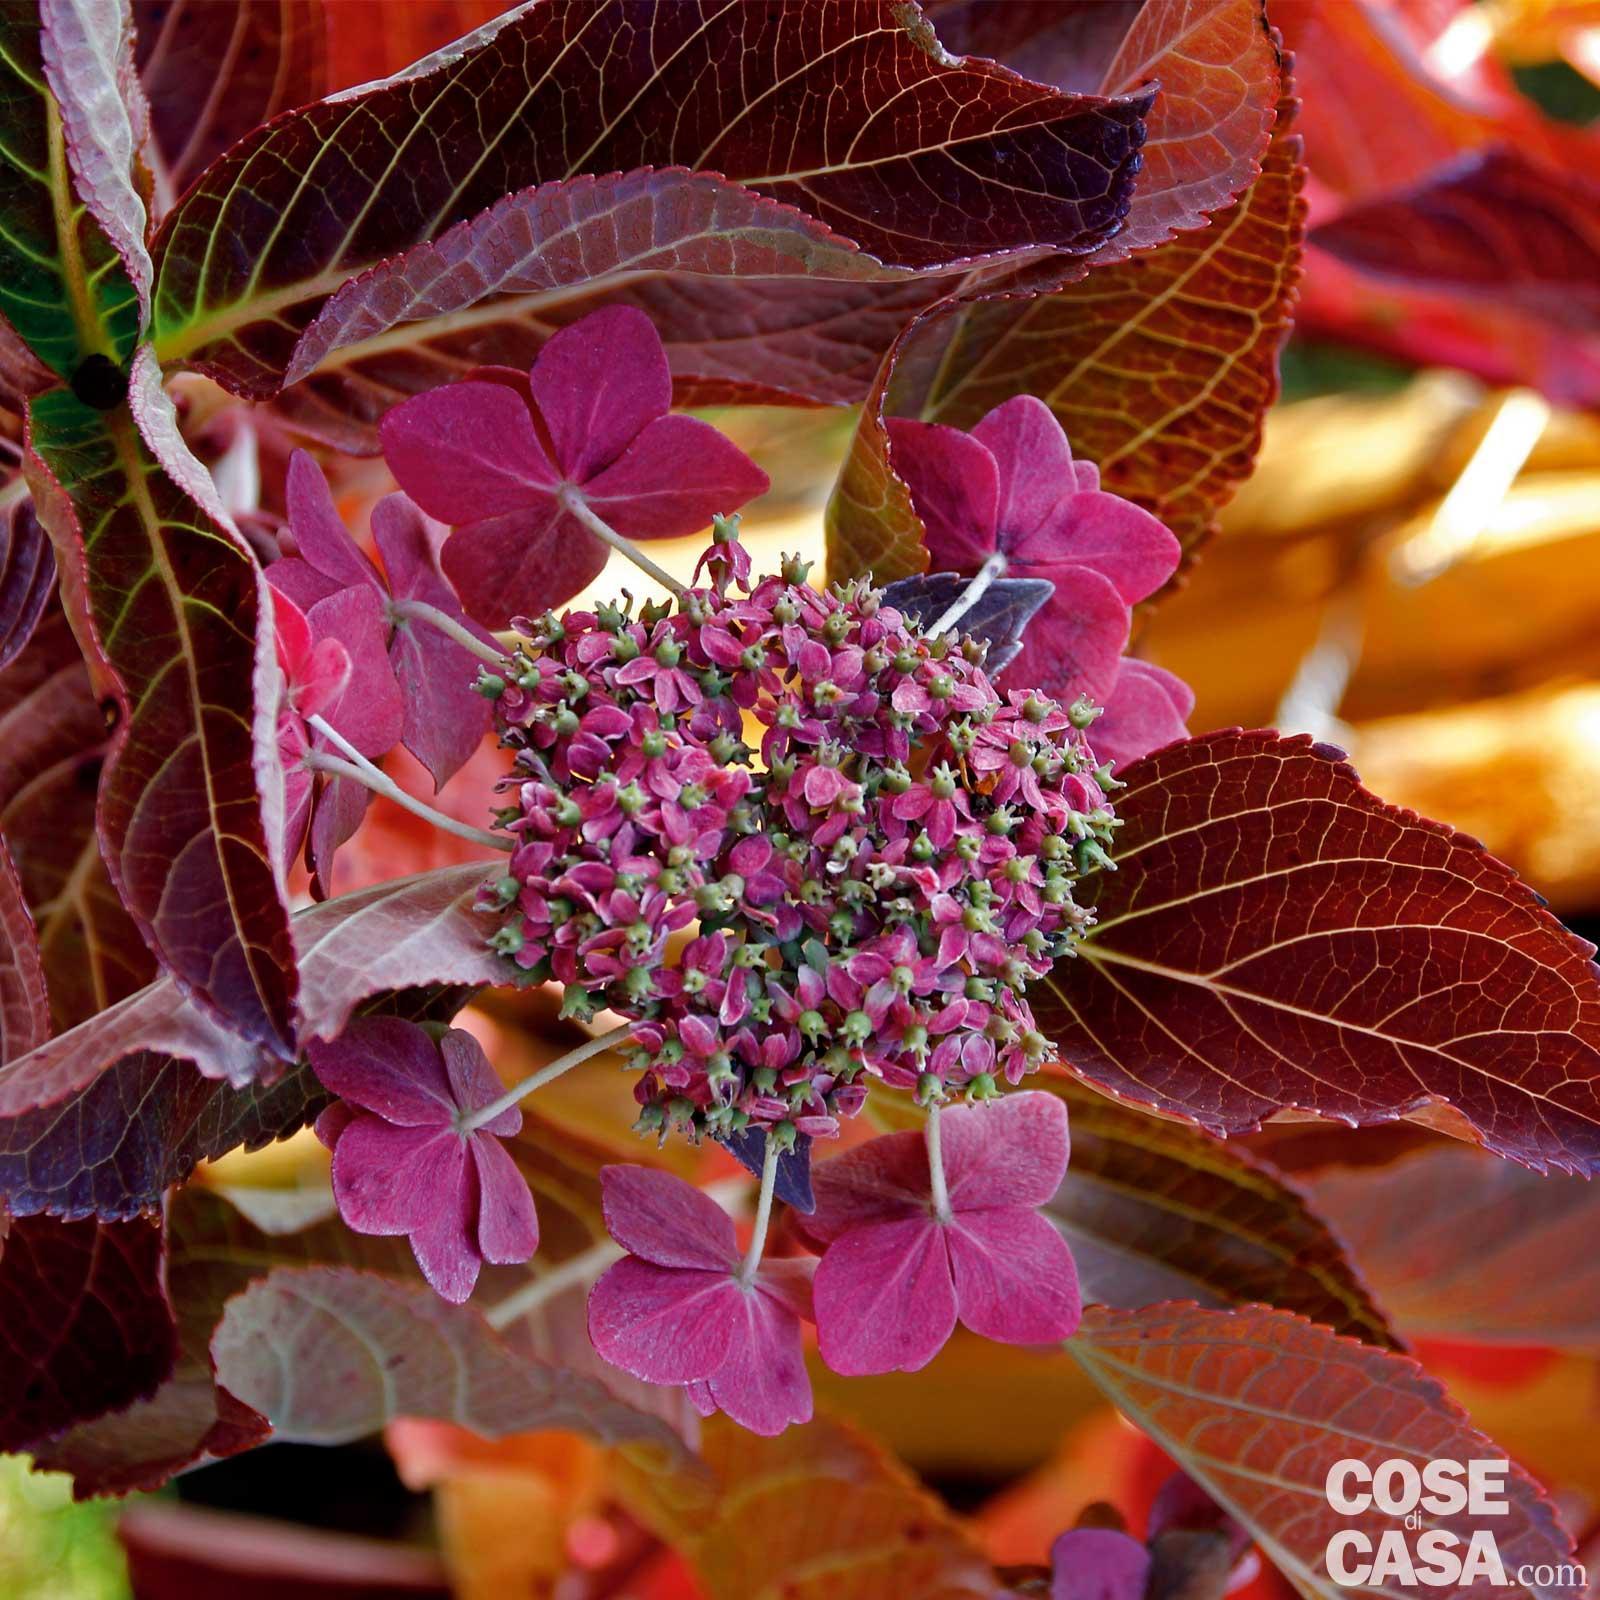 Piante Da Giardino Ombroso le più belle fioriture di ottobre in giardino - cose di casa